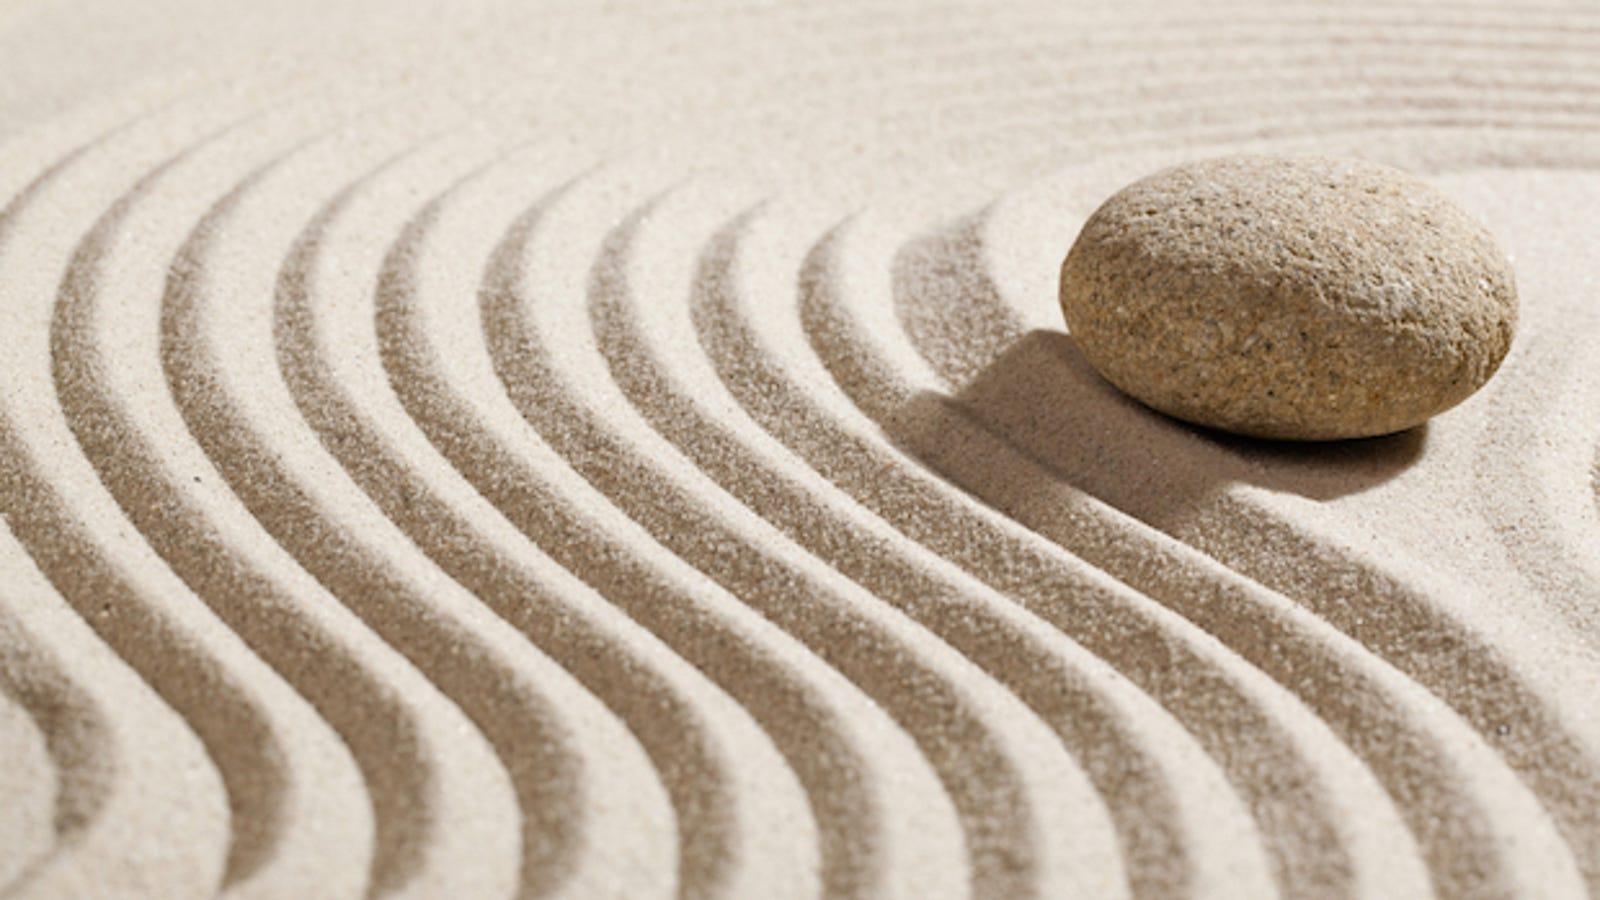 Todo lo que conoces sobre la meditación probablemente es incorrecto